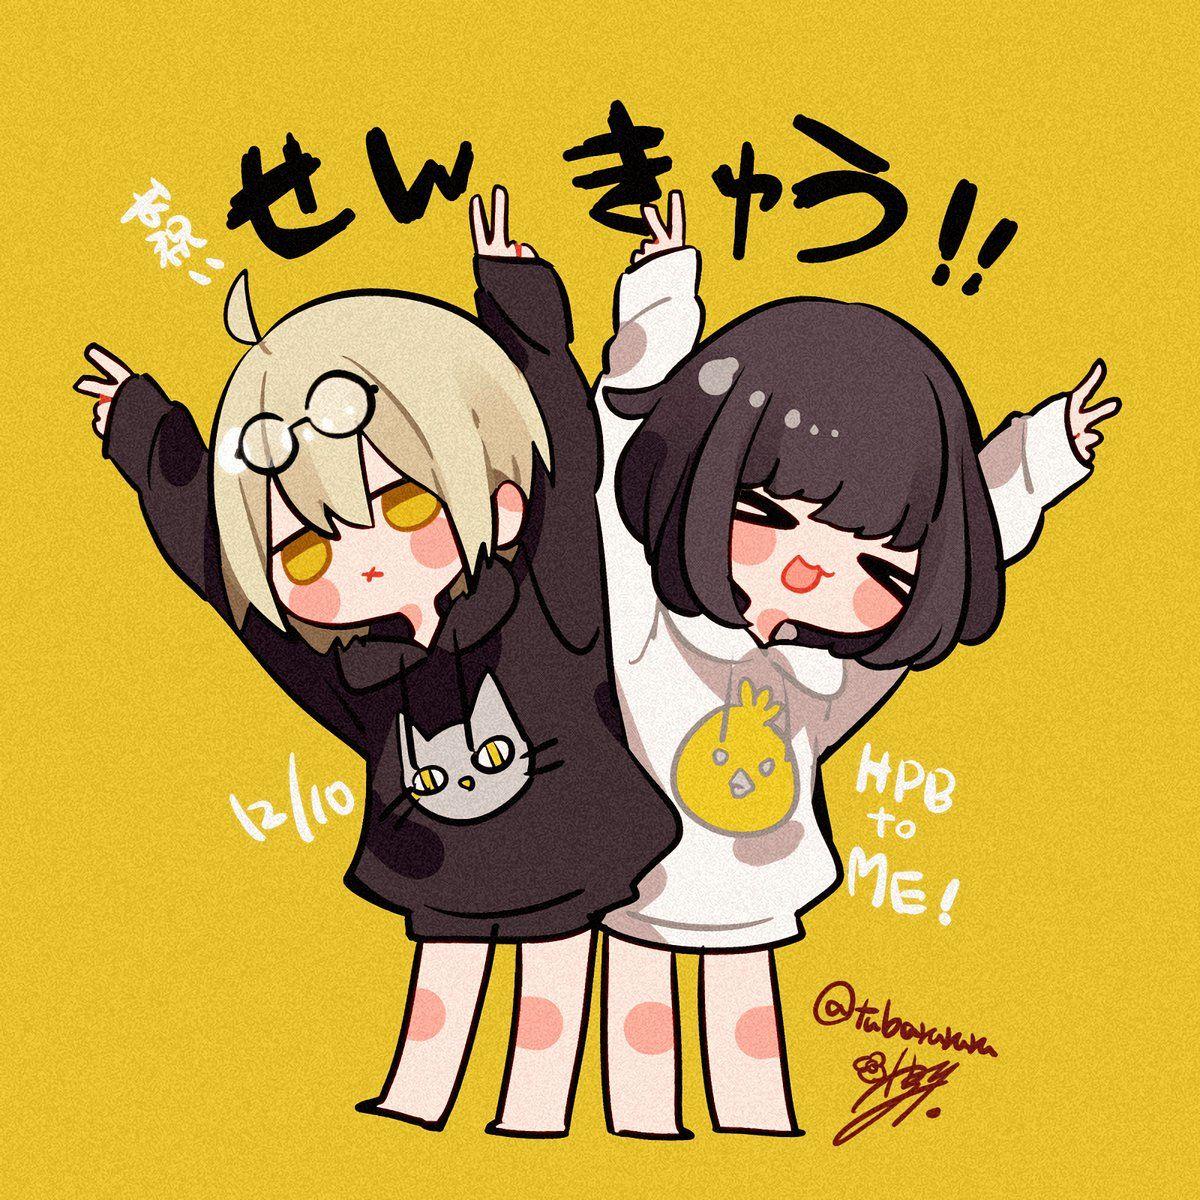 ˋˏ T U B A R U R U R U ᘞ Cute Art Anime Chibi Kawaii Drawings